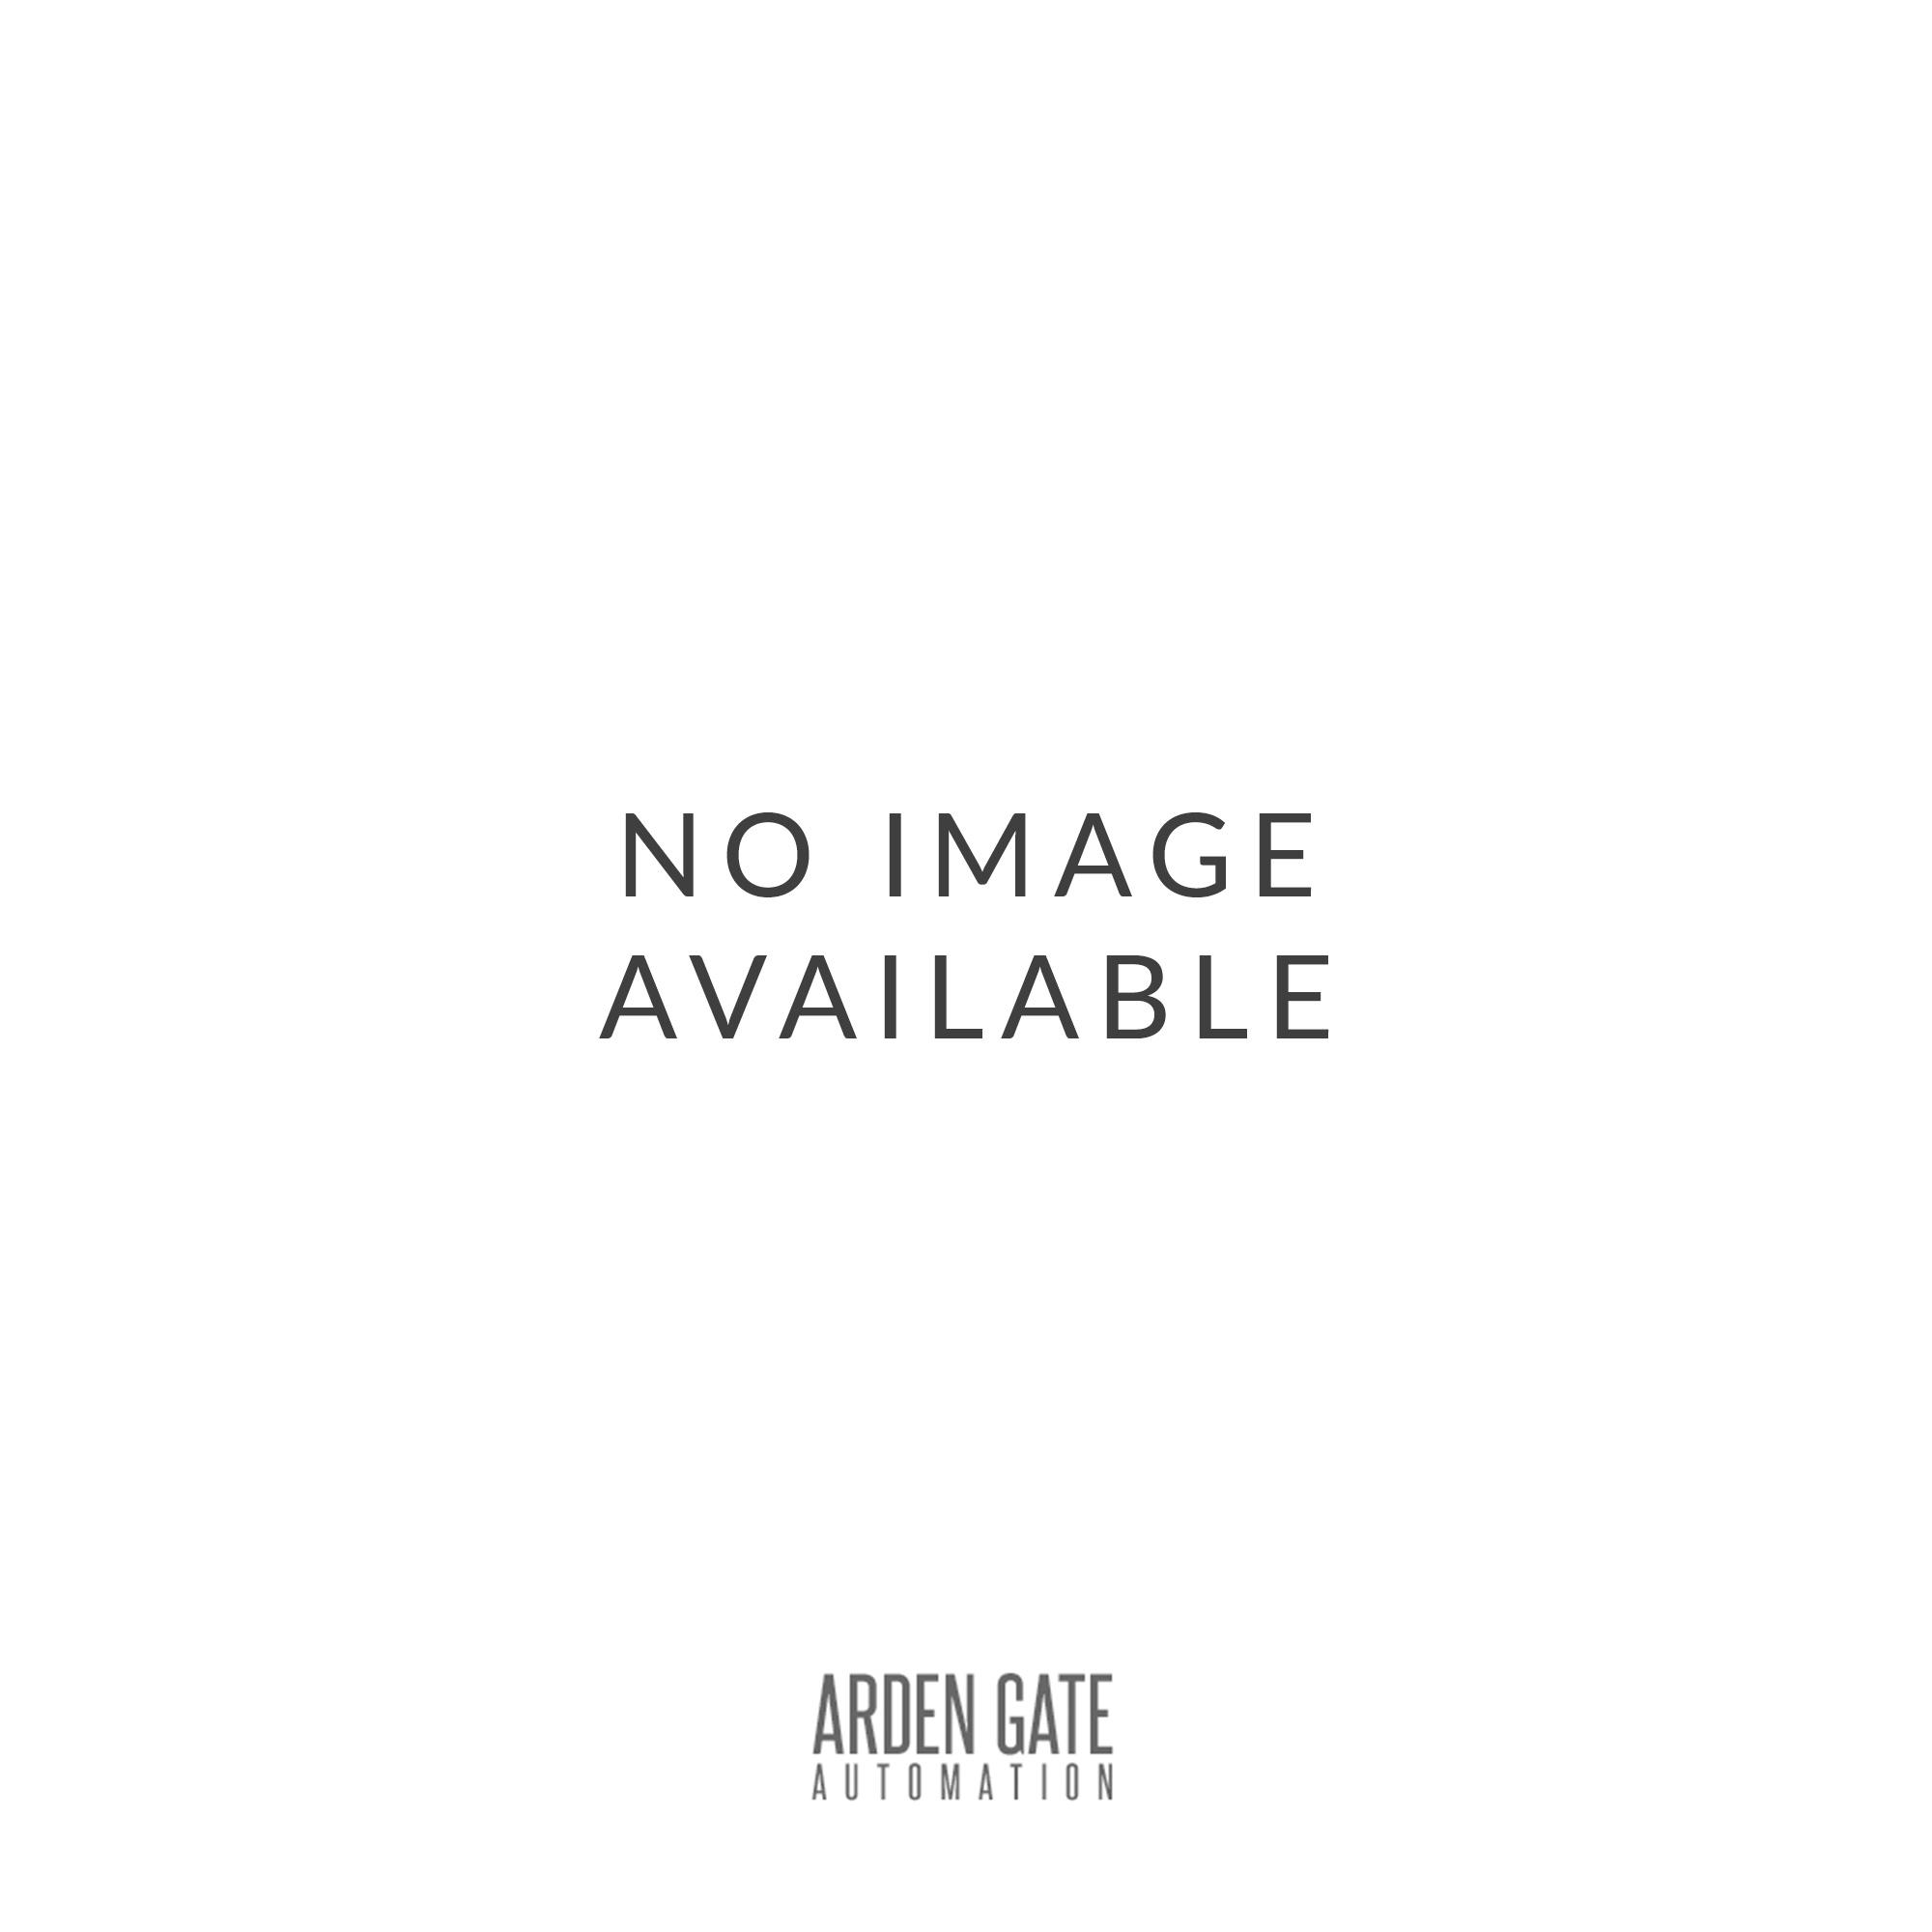 BENINCA V90 electronic 12v viro lock